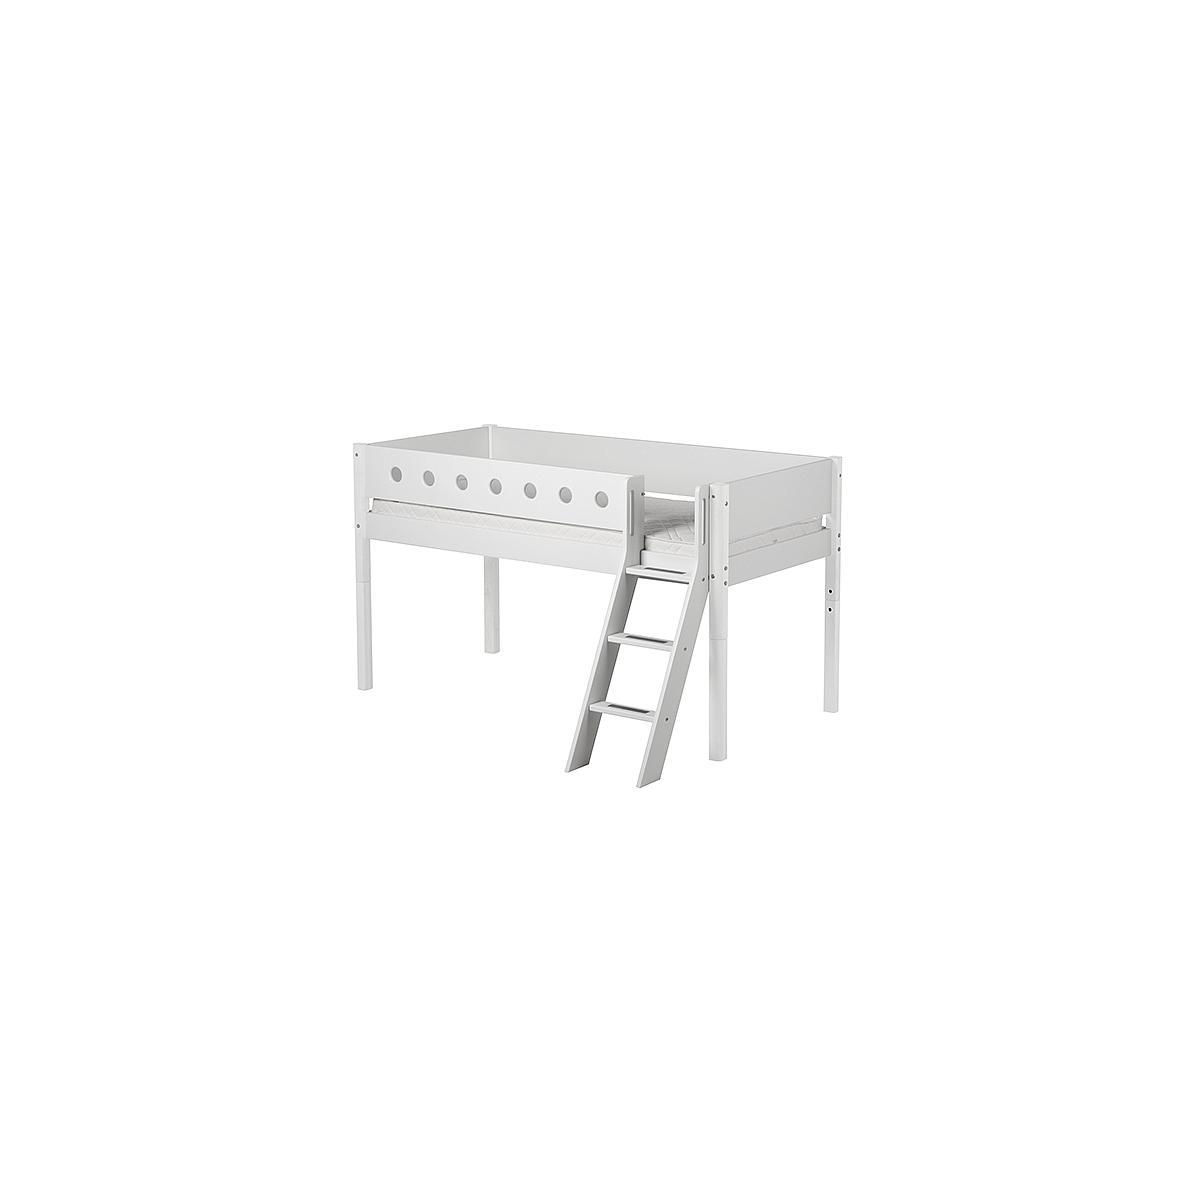 WHITE by Flexa Lit mi-hauteur en MDF 90x190 cm avec échelle inclinée, barrière de sécurité blanche et pieds blancs